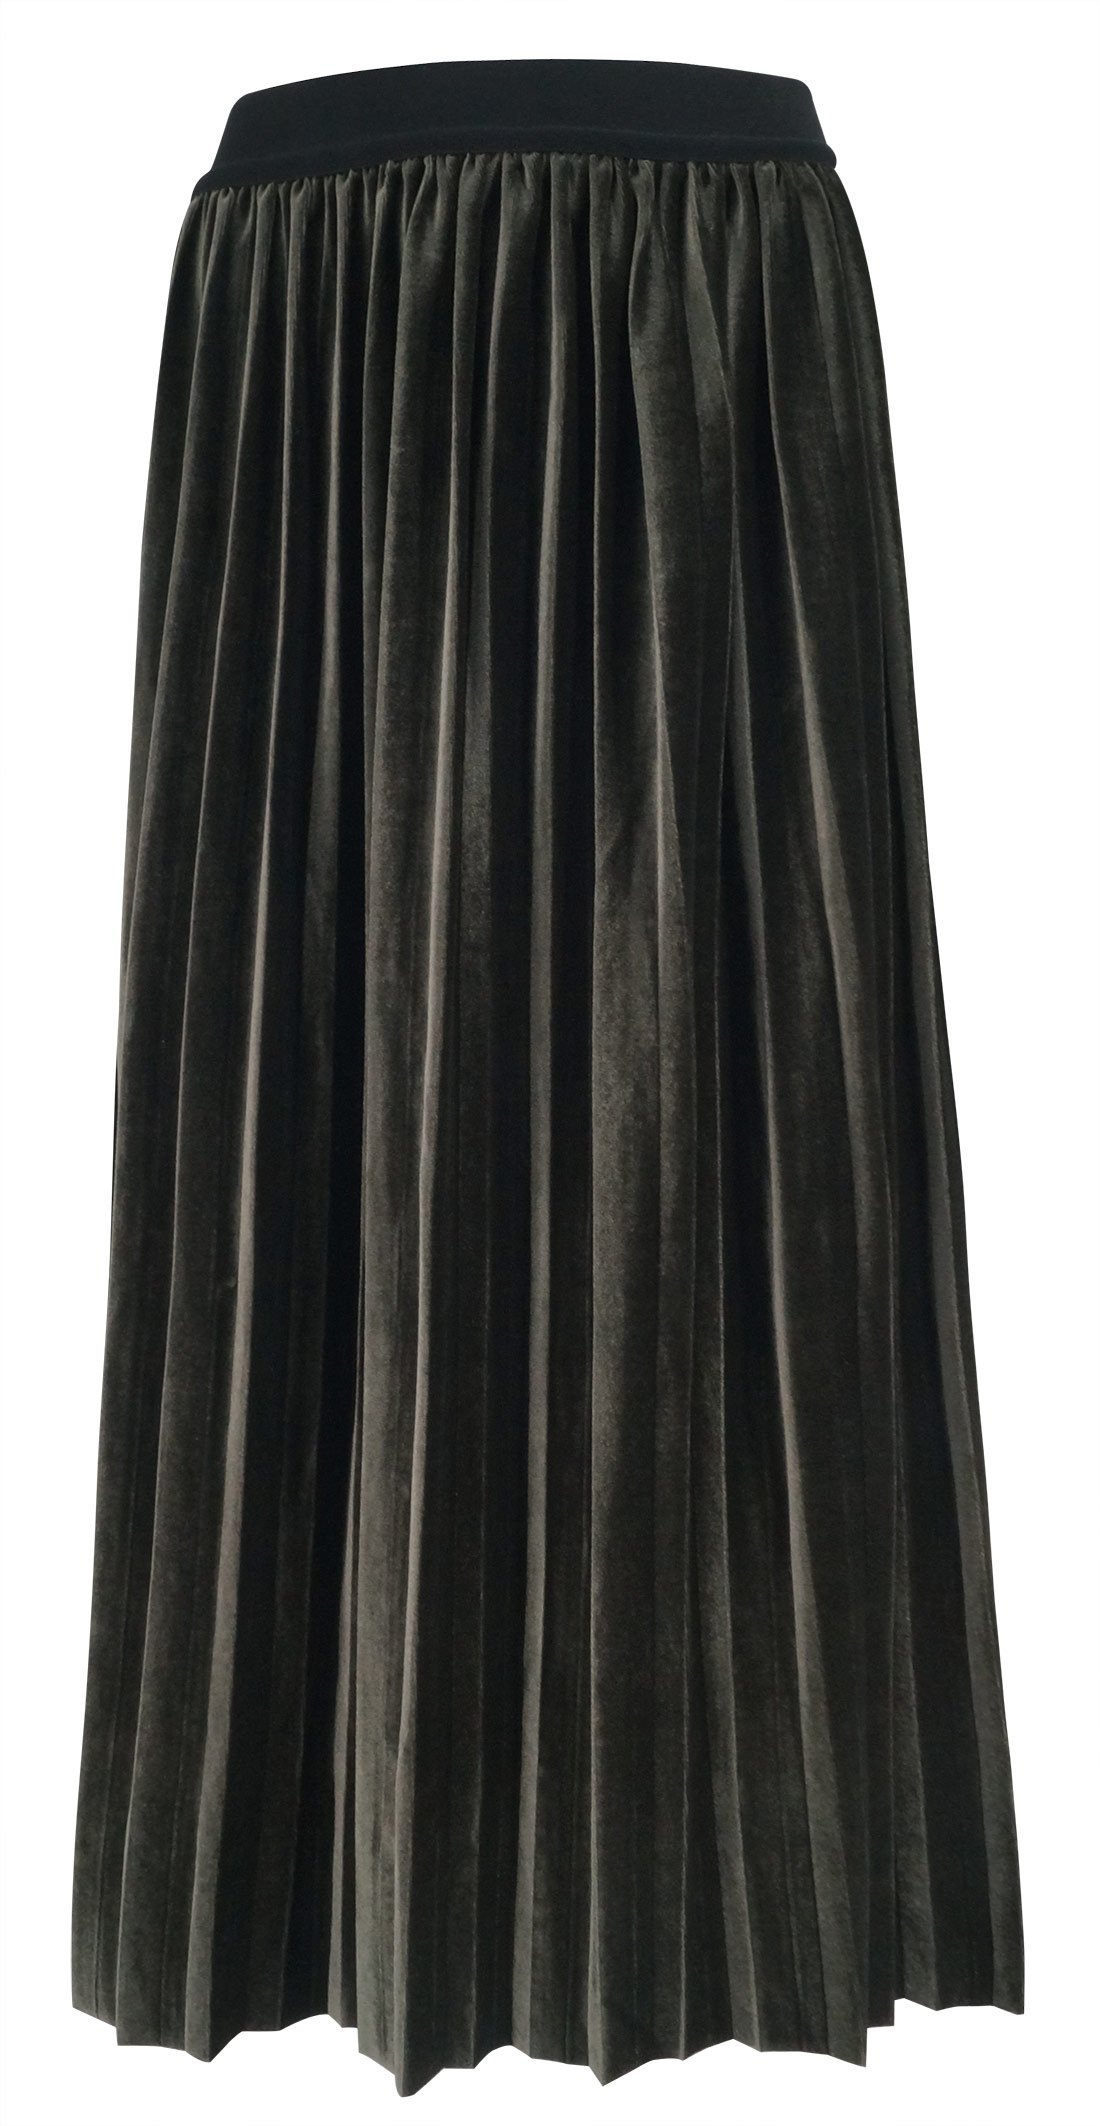 FEOYA Women Retro Skirt High Waist Velvet Pleat Midi Skirt With Elastic Band Olive Green XL